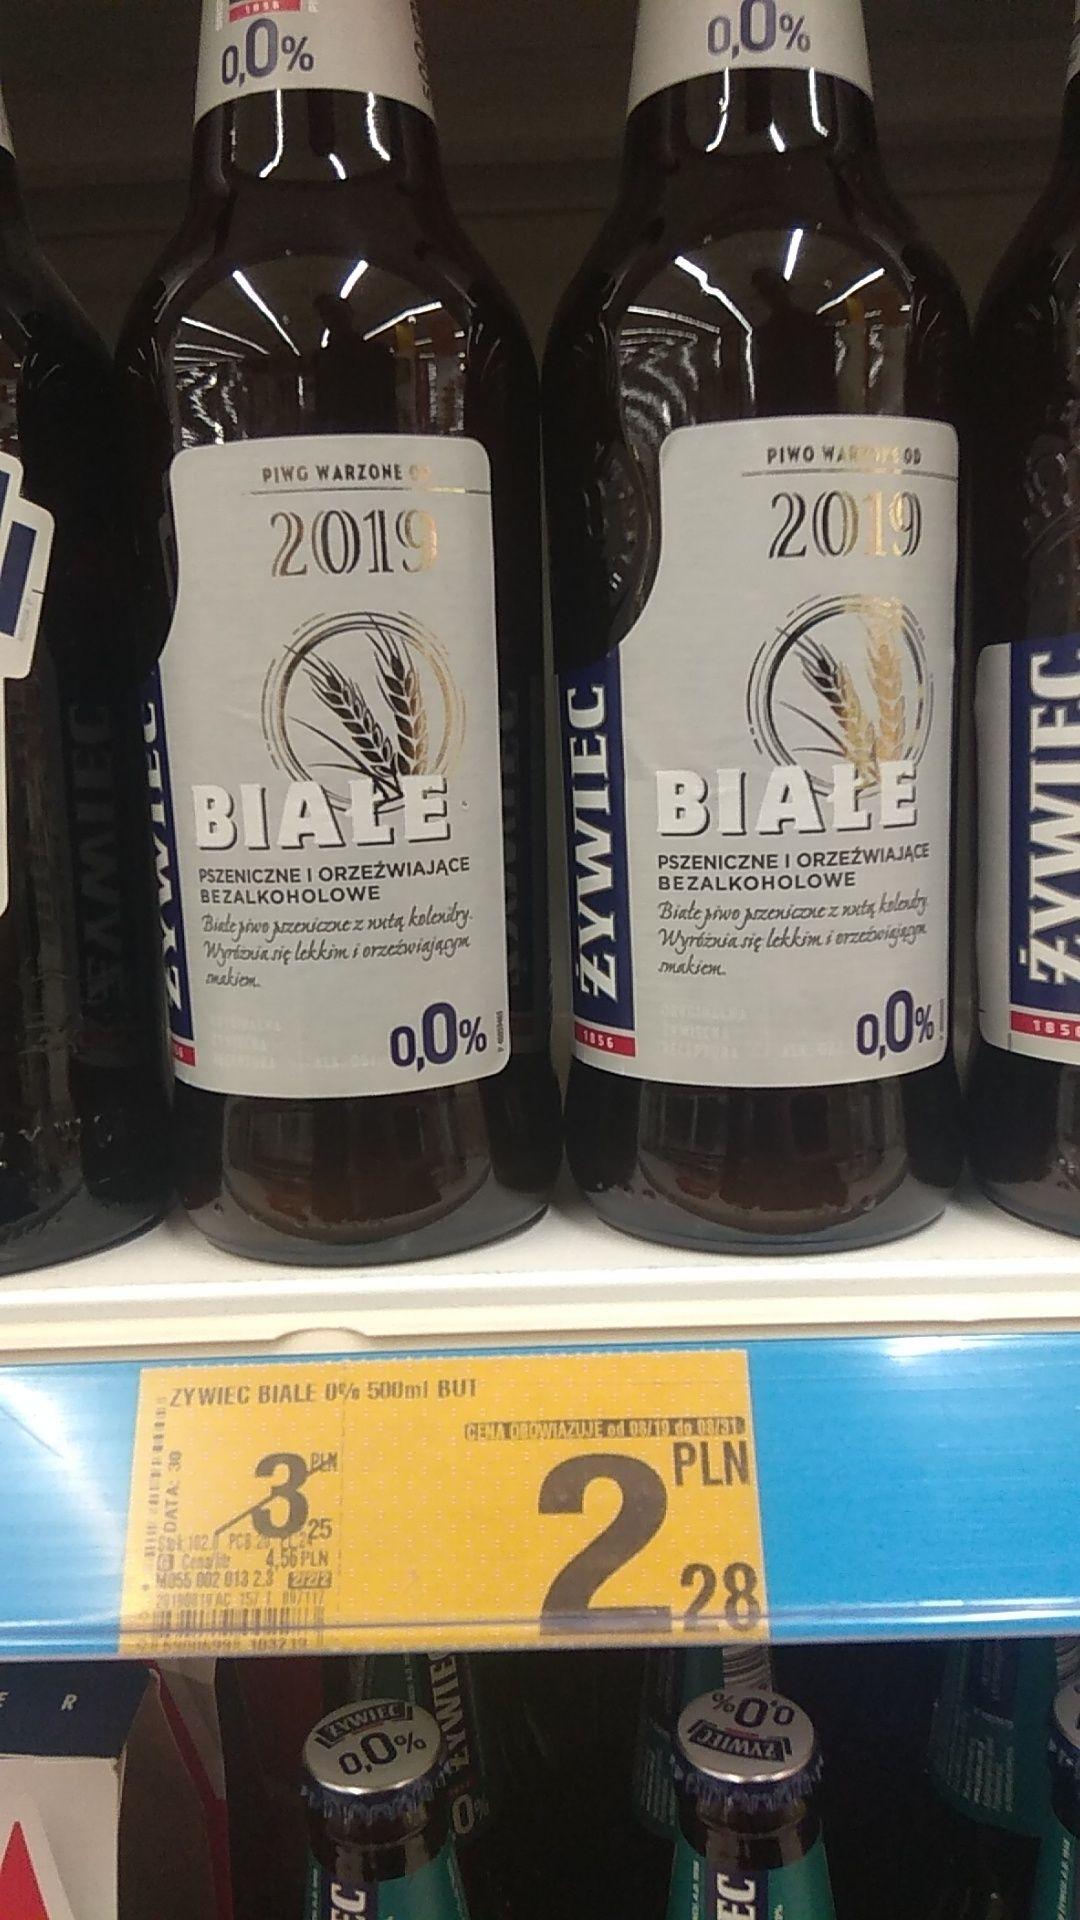 Żywiec Białe 0,0% Auchan Piotrków Trybunalski